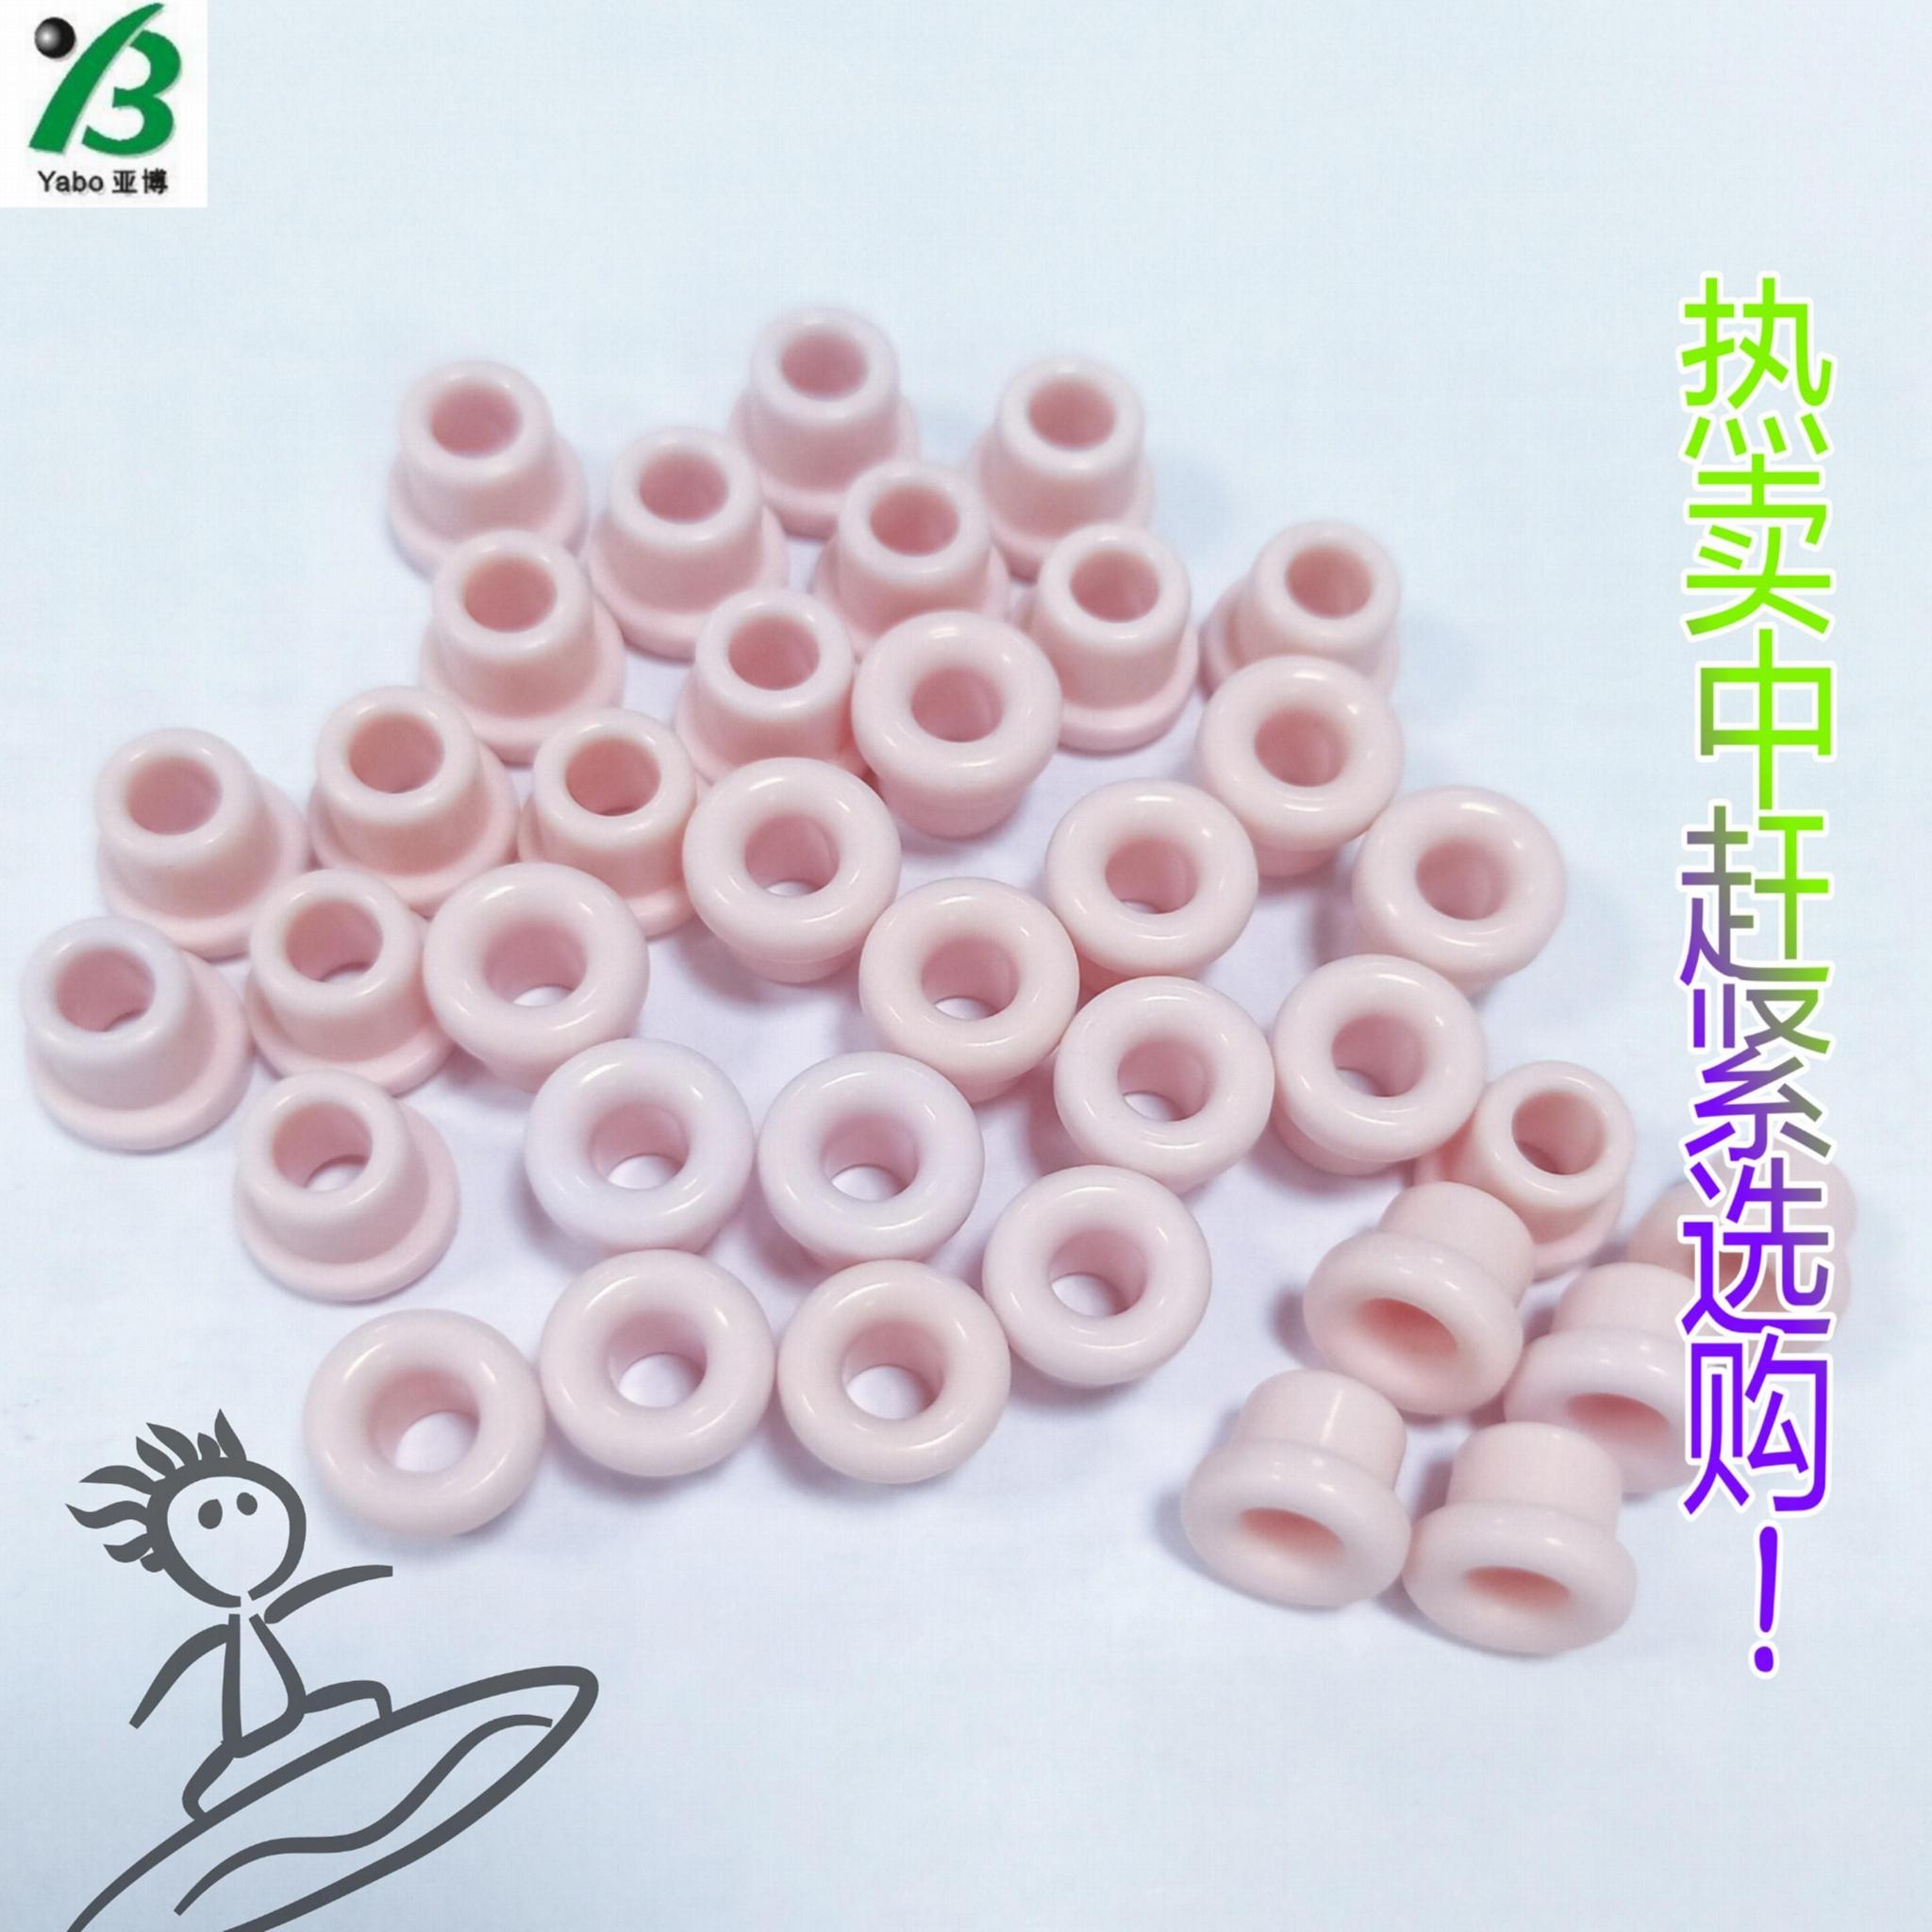 陶瓷瓷眼 4